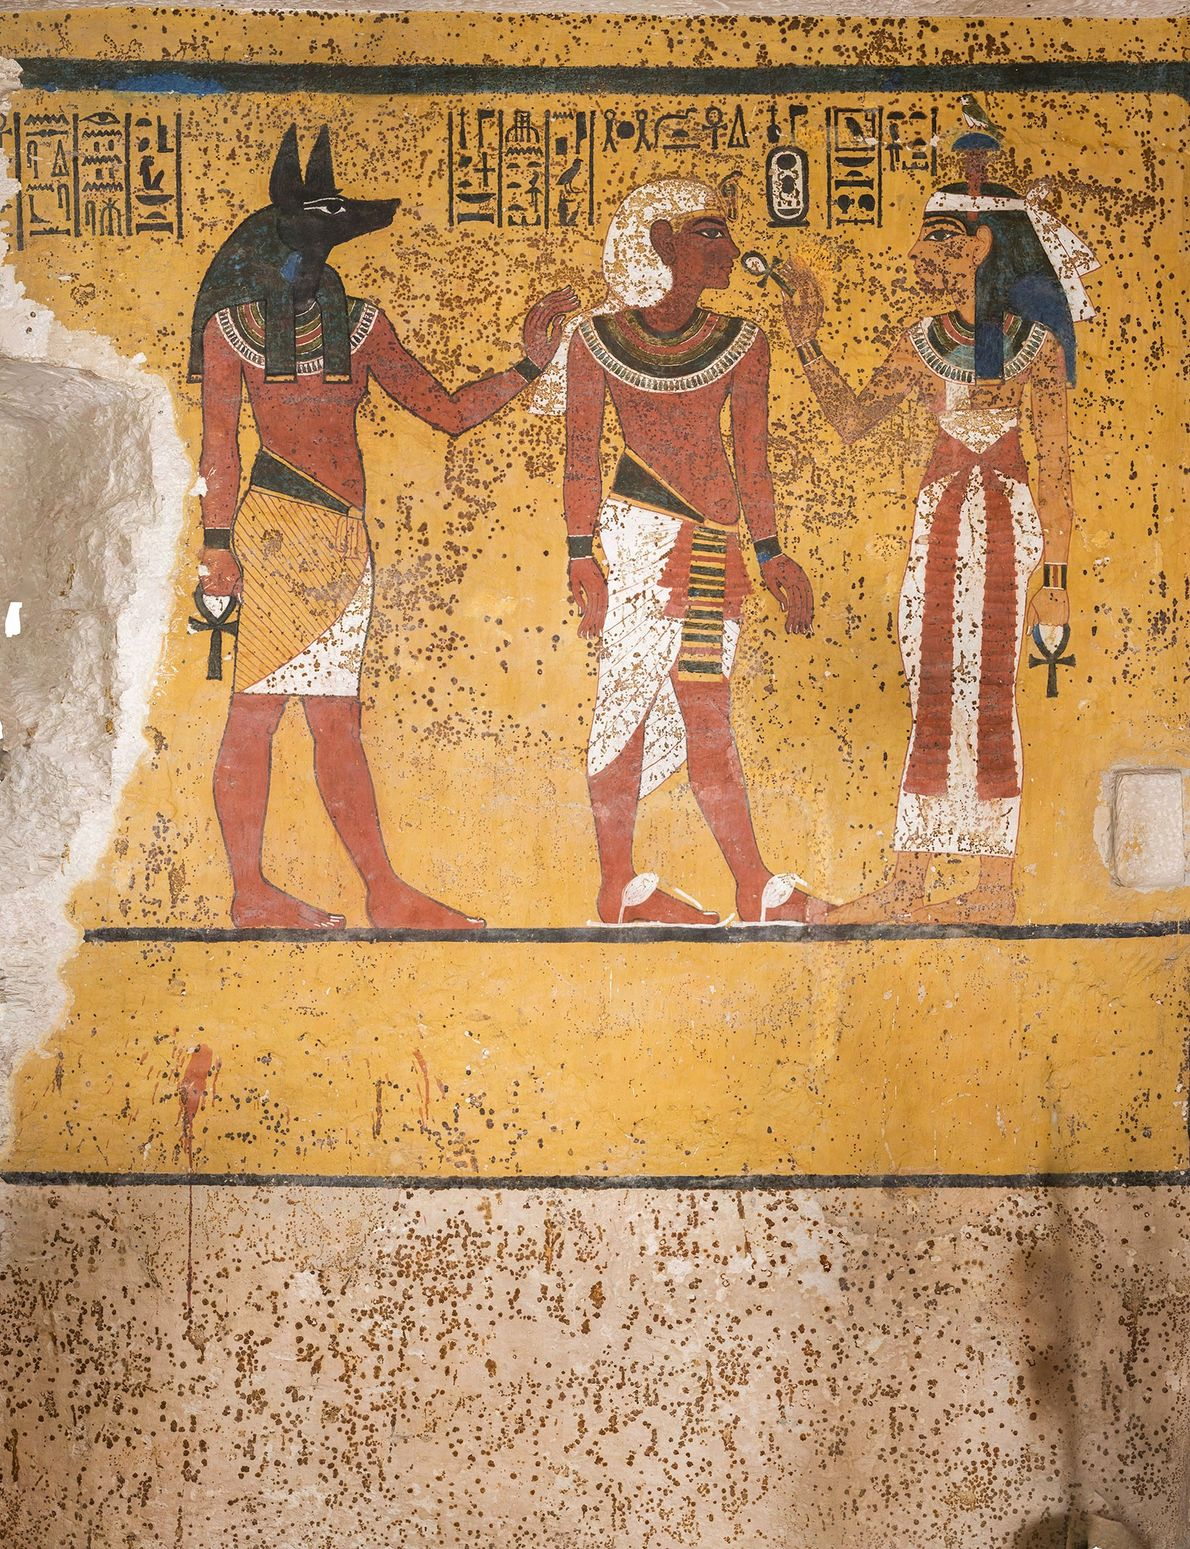 Ein Abschnitt der Südwand in Tutanchamuns Grabkammer wurde beschädigt, als Howard Carter in den 1920ern die ...